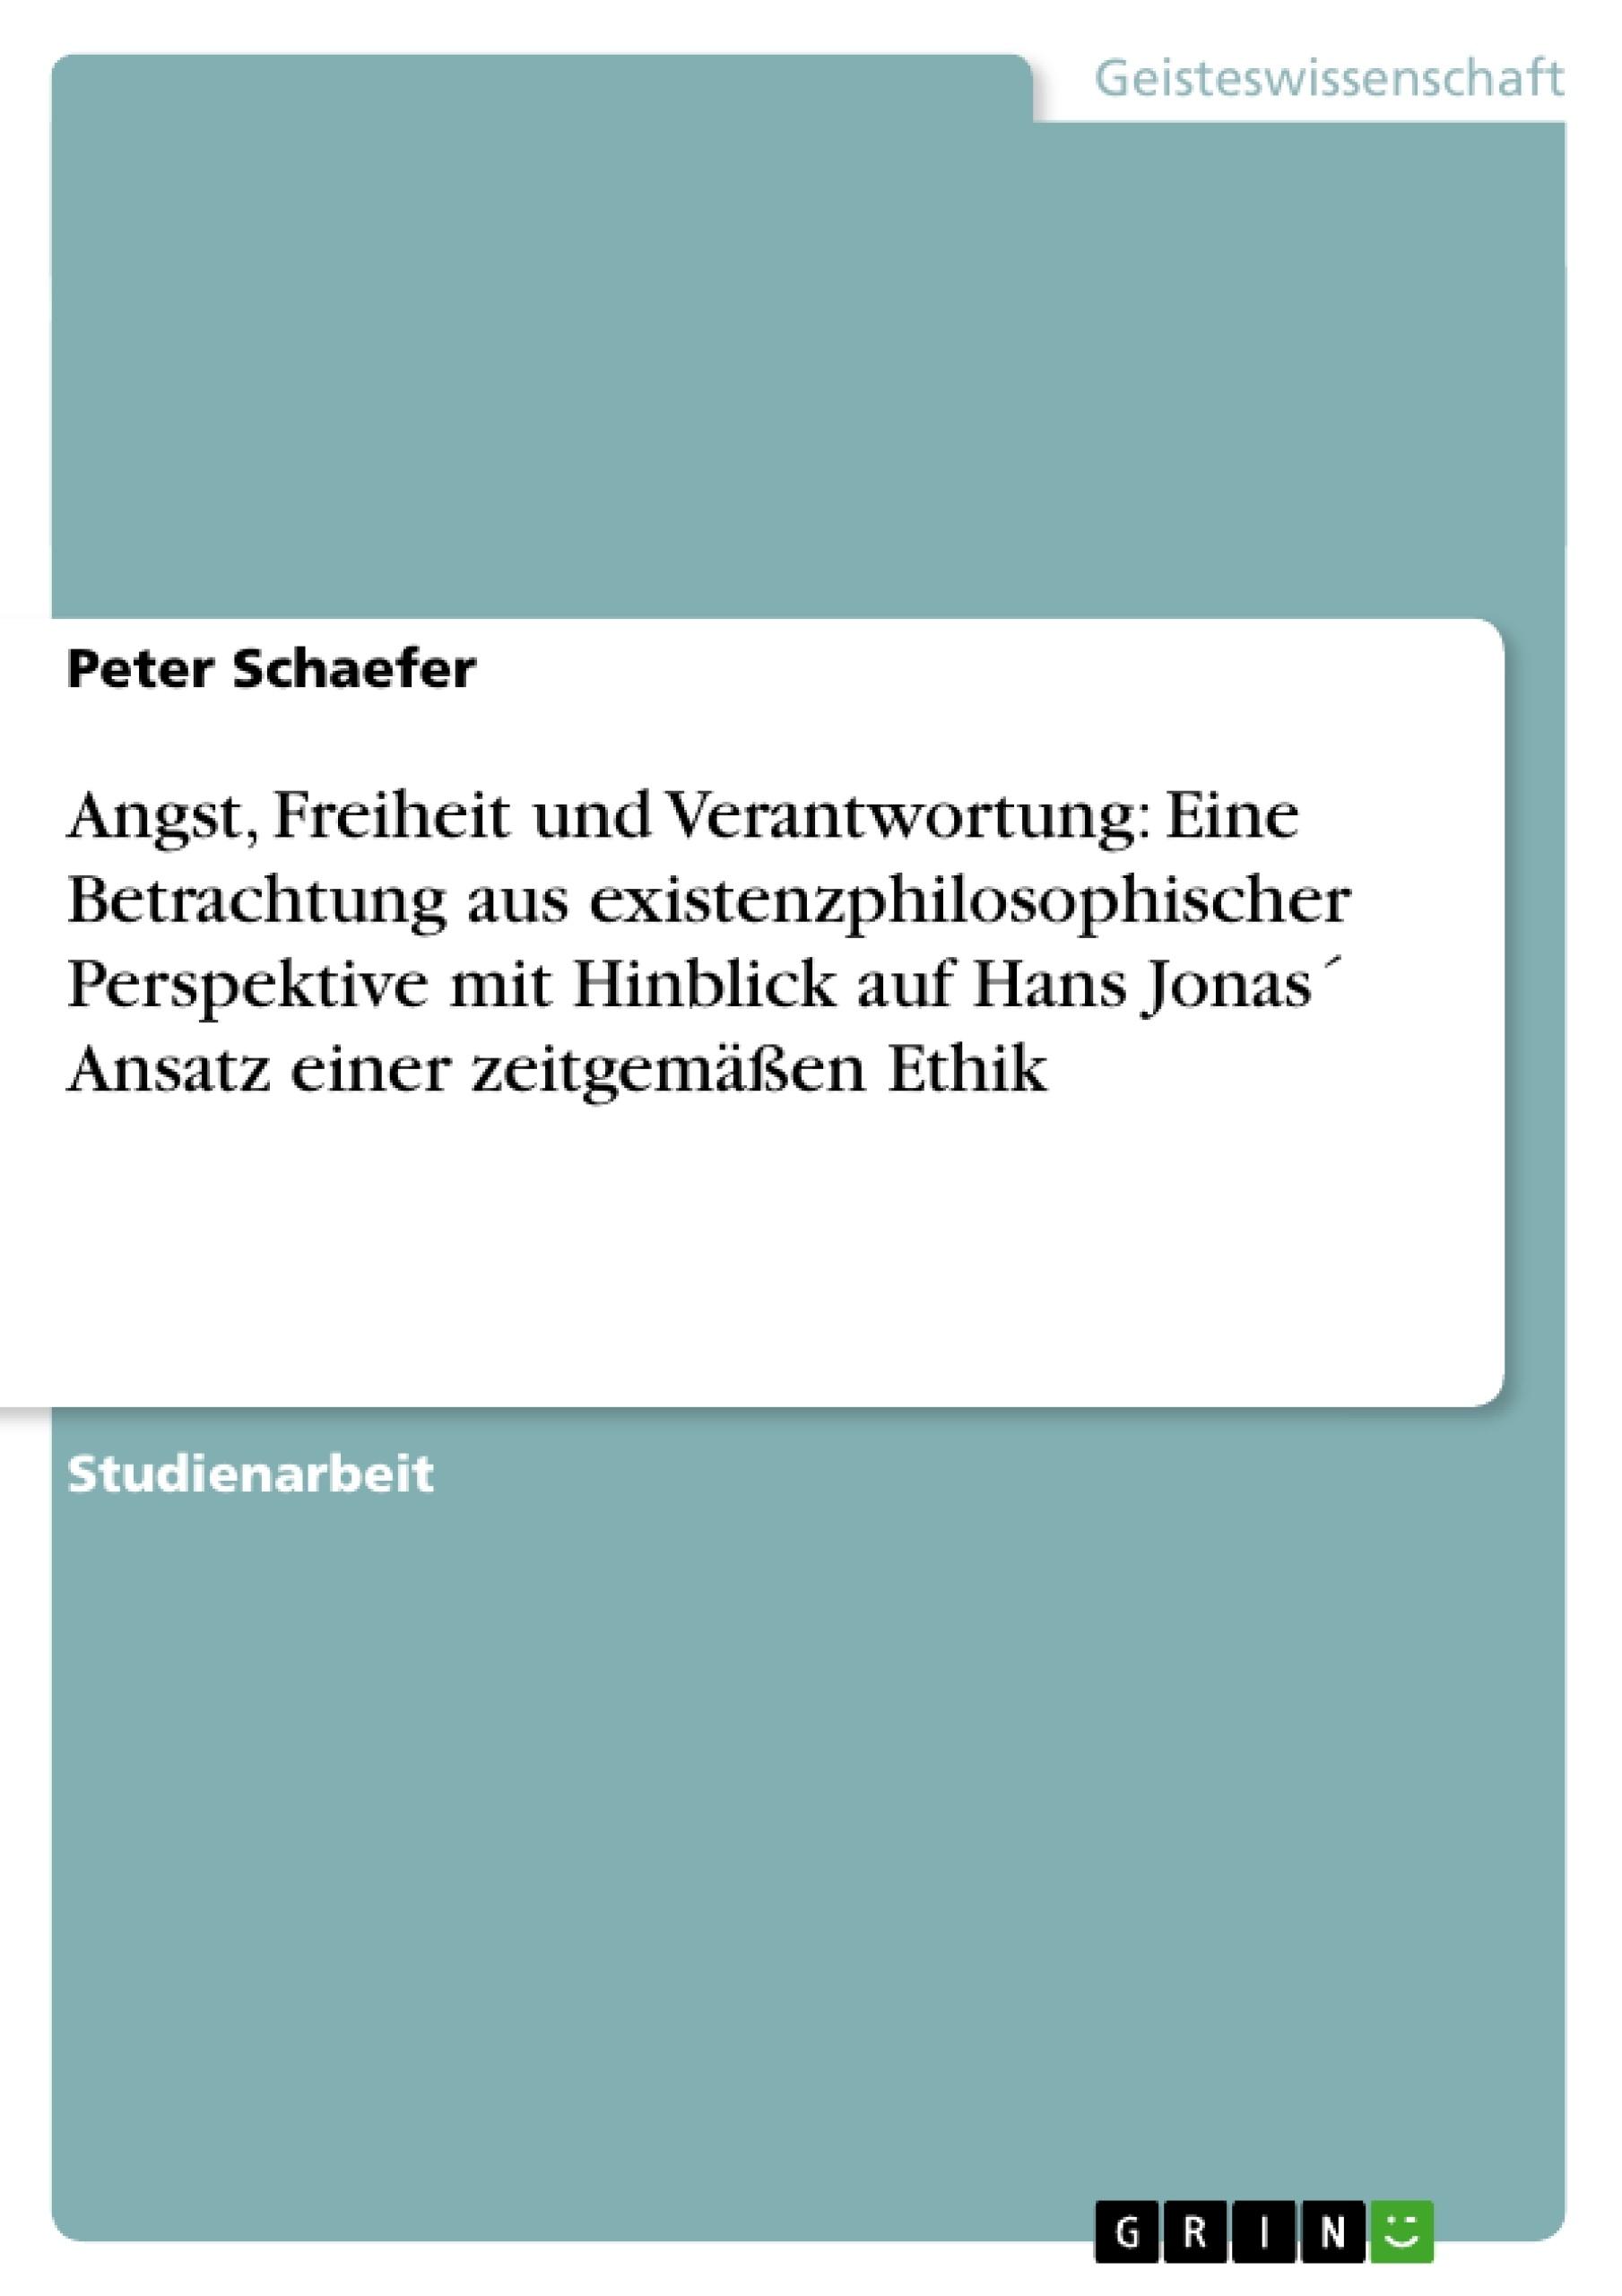 Titel: Angst, Freiheit und Verantwortung: Eine Betrachtung aus existenzphilosophischer Perspektive mit Hinblick auf Hans Jonas´ Ansatz einer zeitgemäßen Ethik